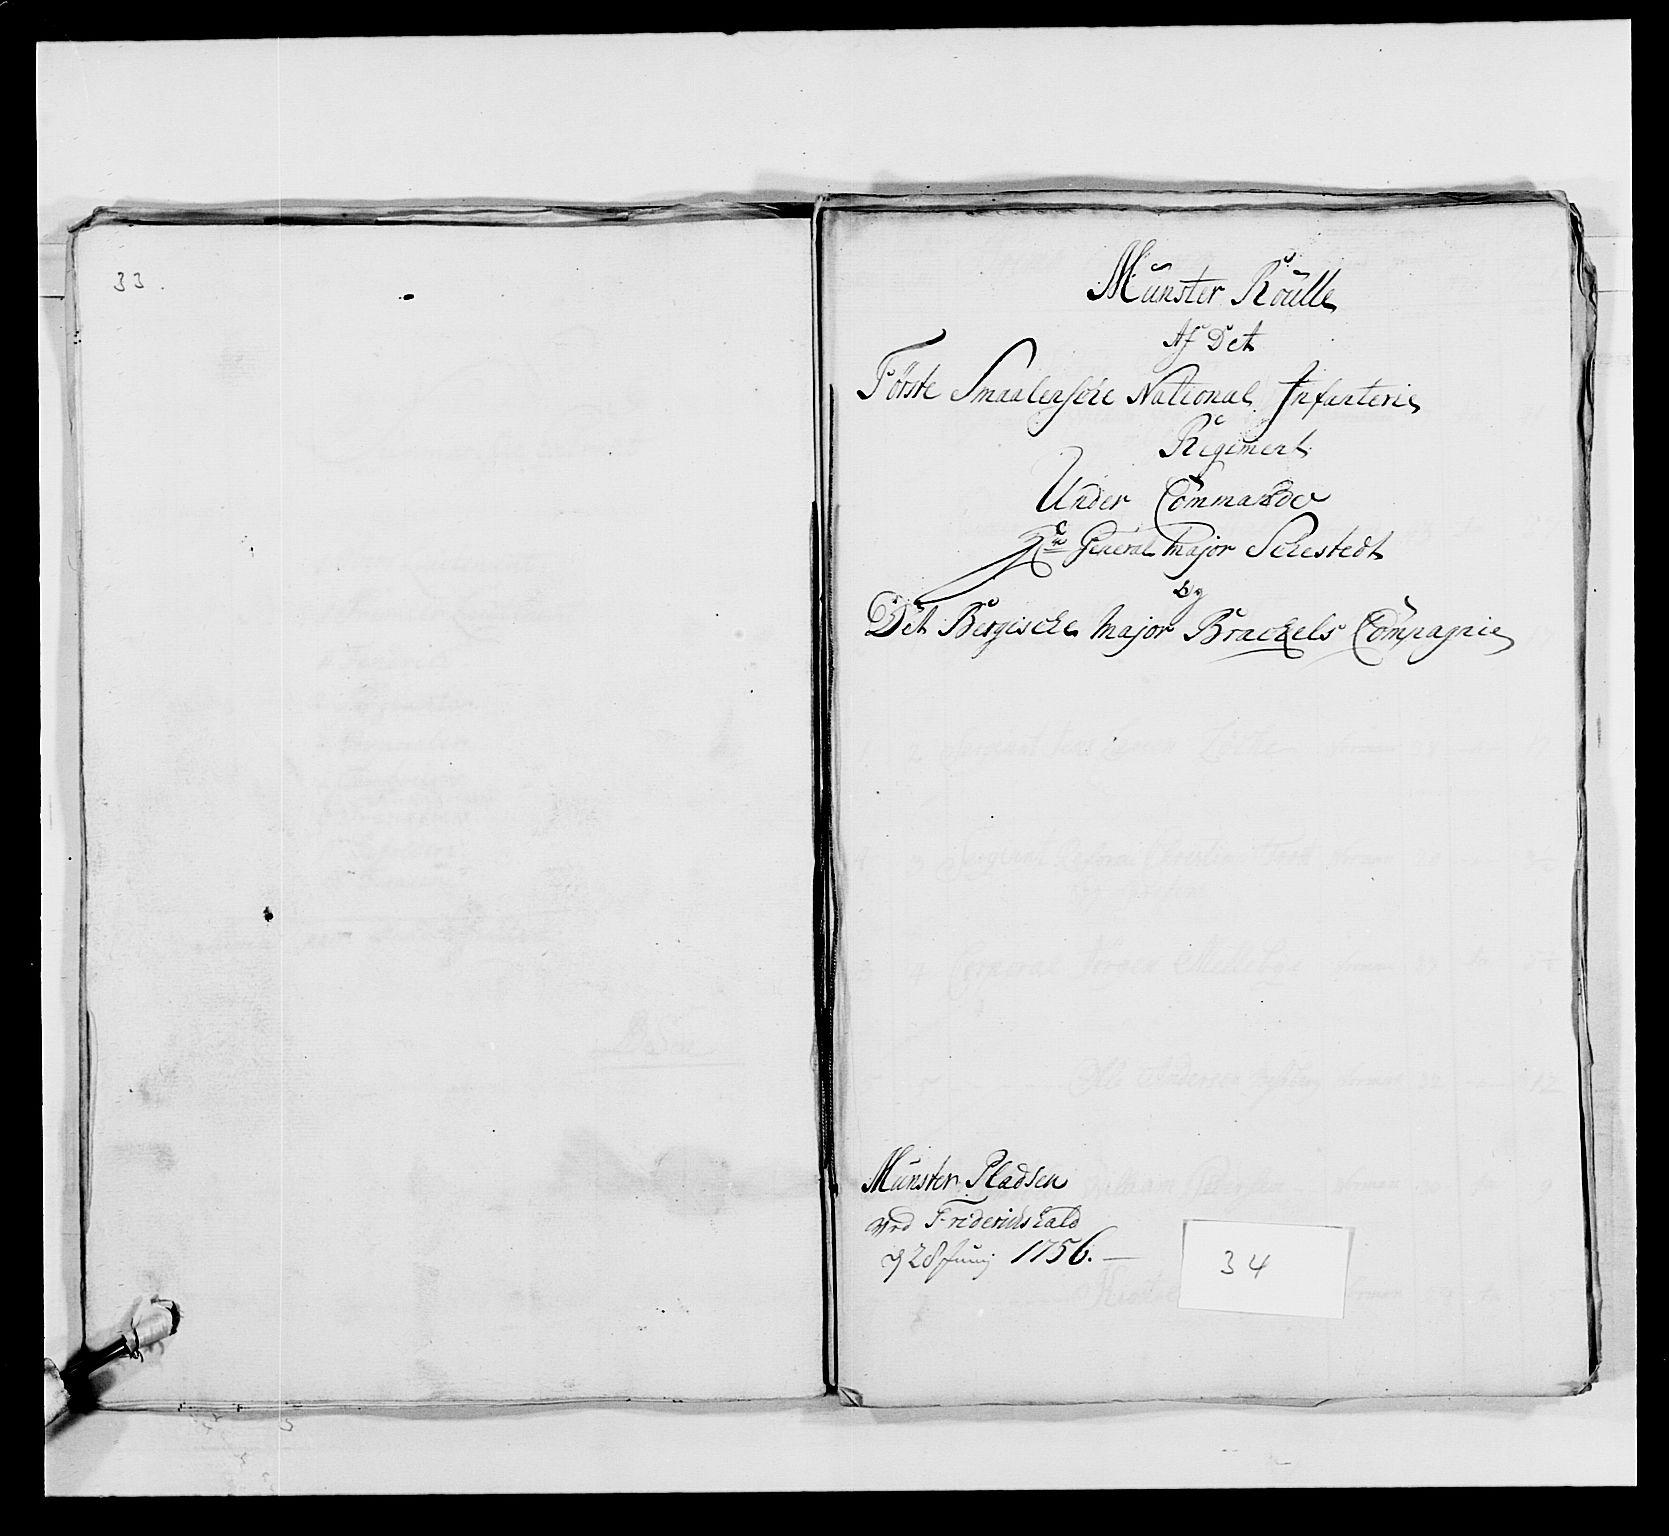 RA, Kommanderende general (KG I) med Det norske krigsdirektorium, E/Ea/L0495: 1. Smålenske regiment, 1732-1763, s. 496